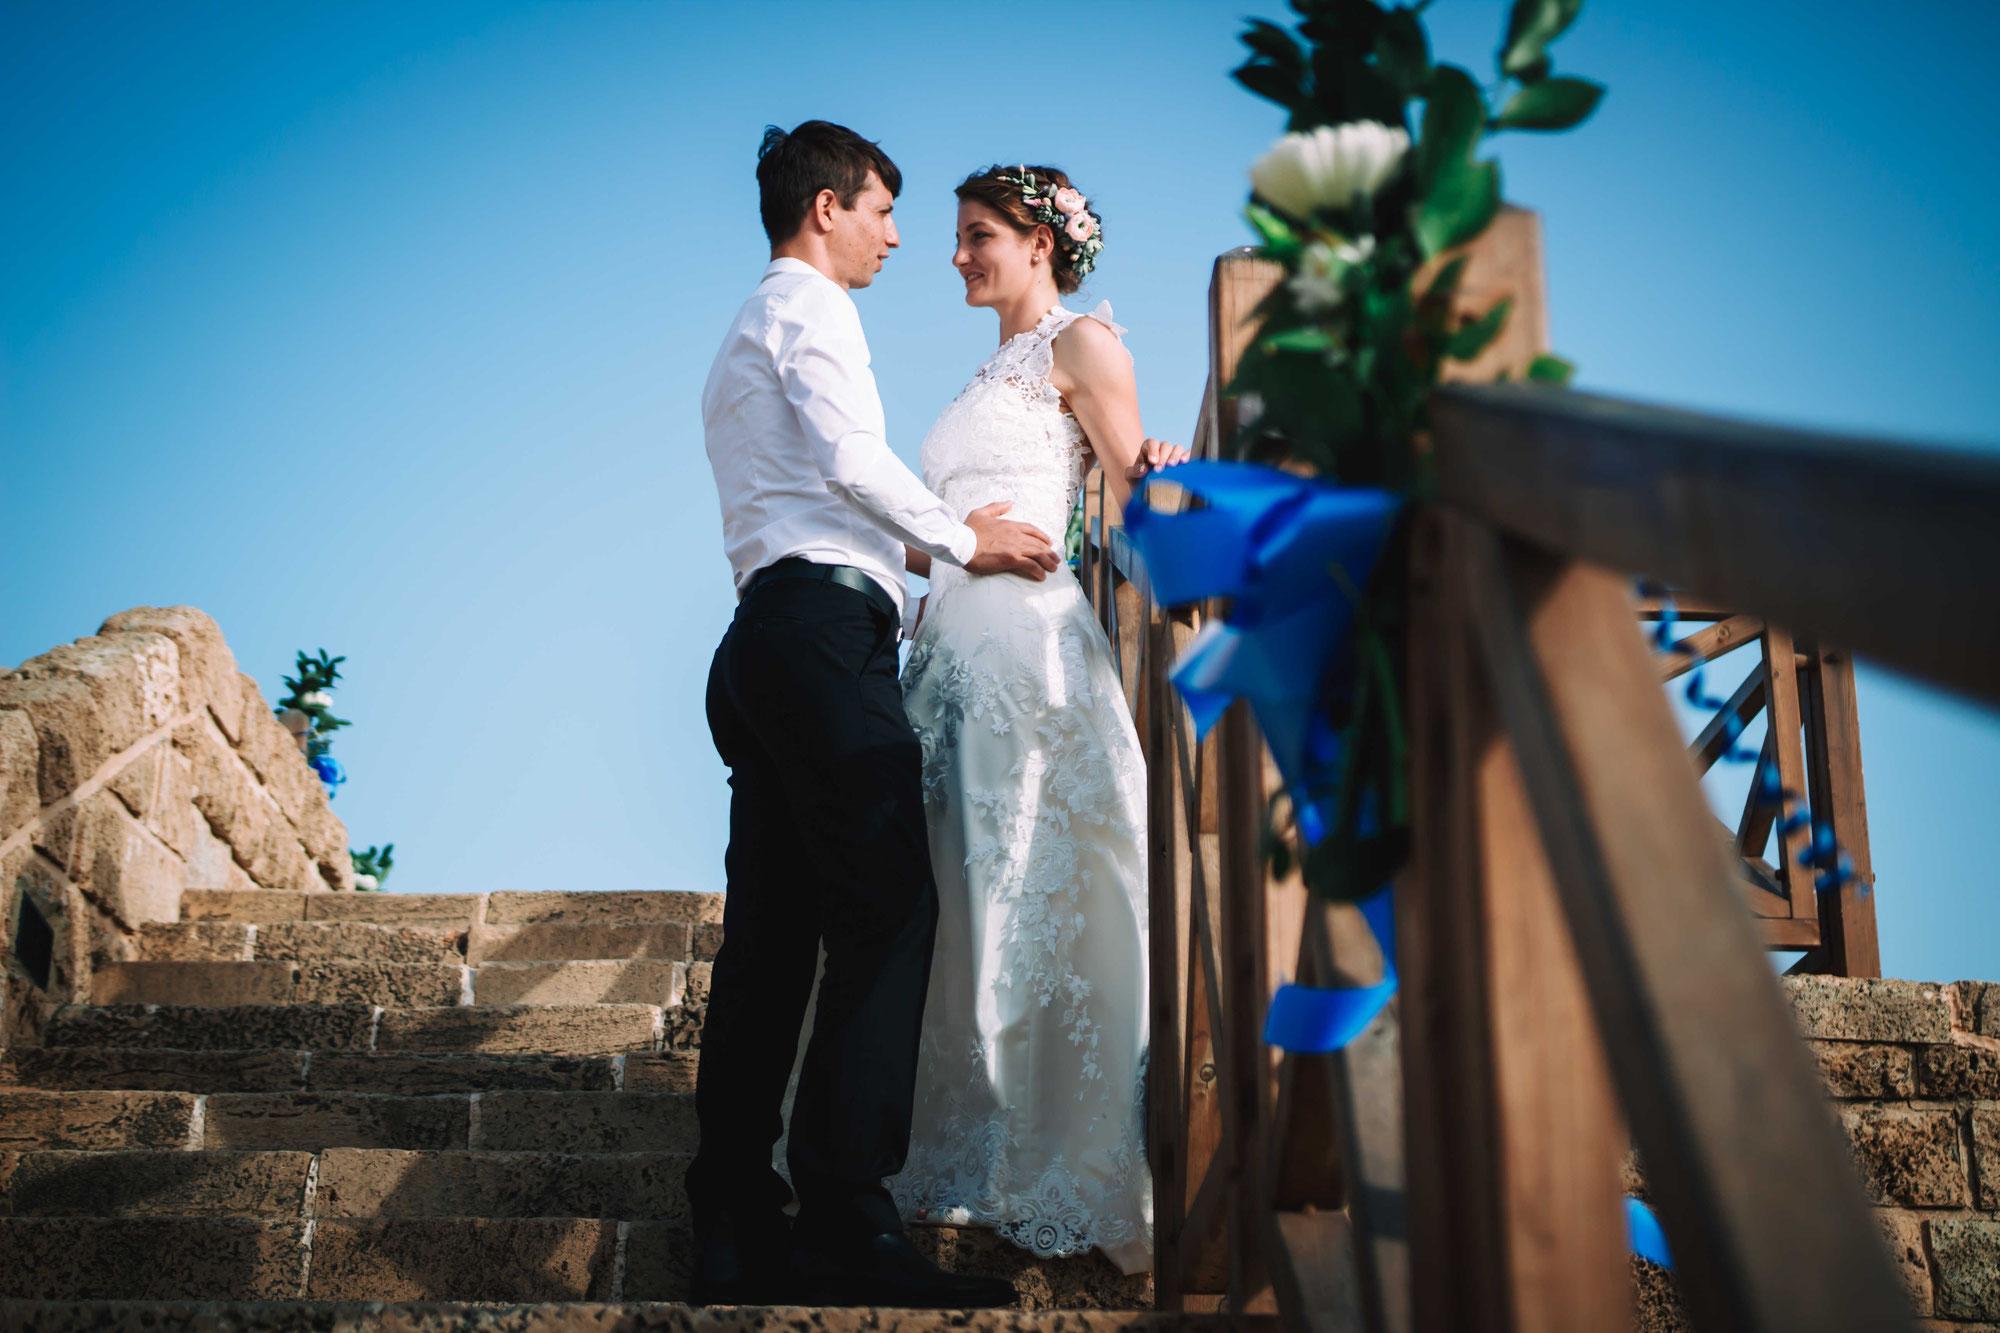 צילום חתונה בקיסר ים בקיסריה - חוויה בלתי נשכחת